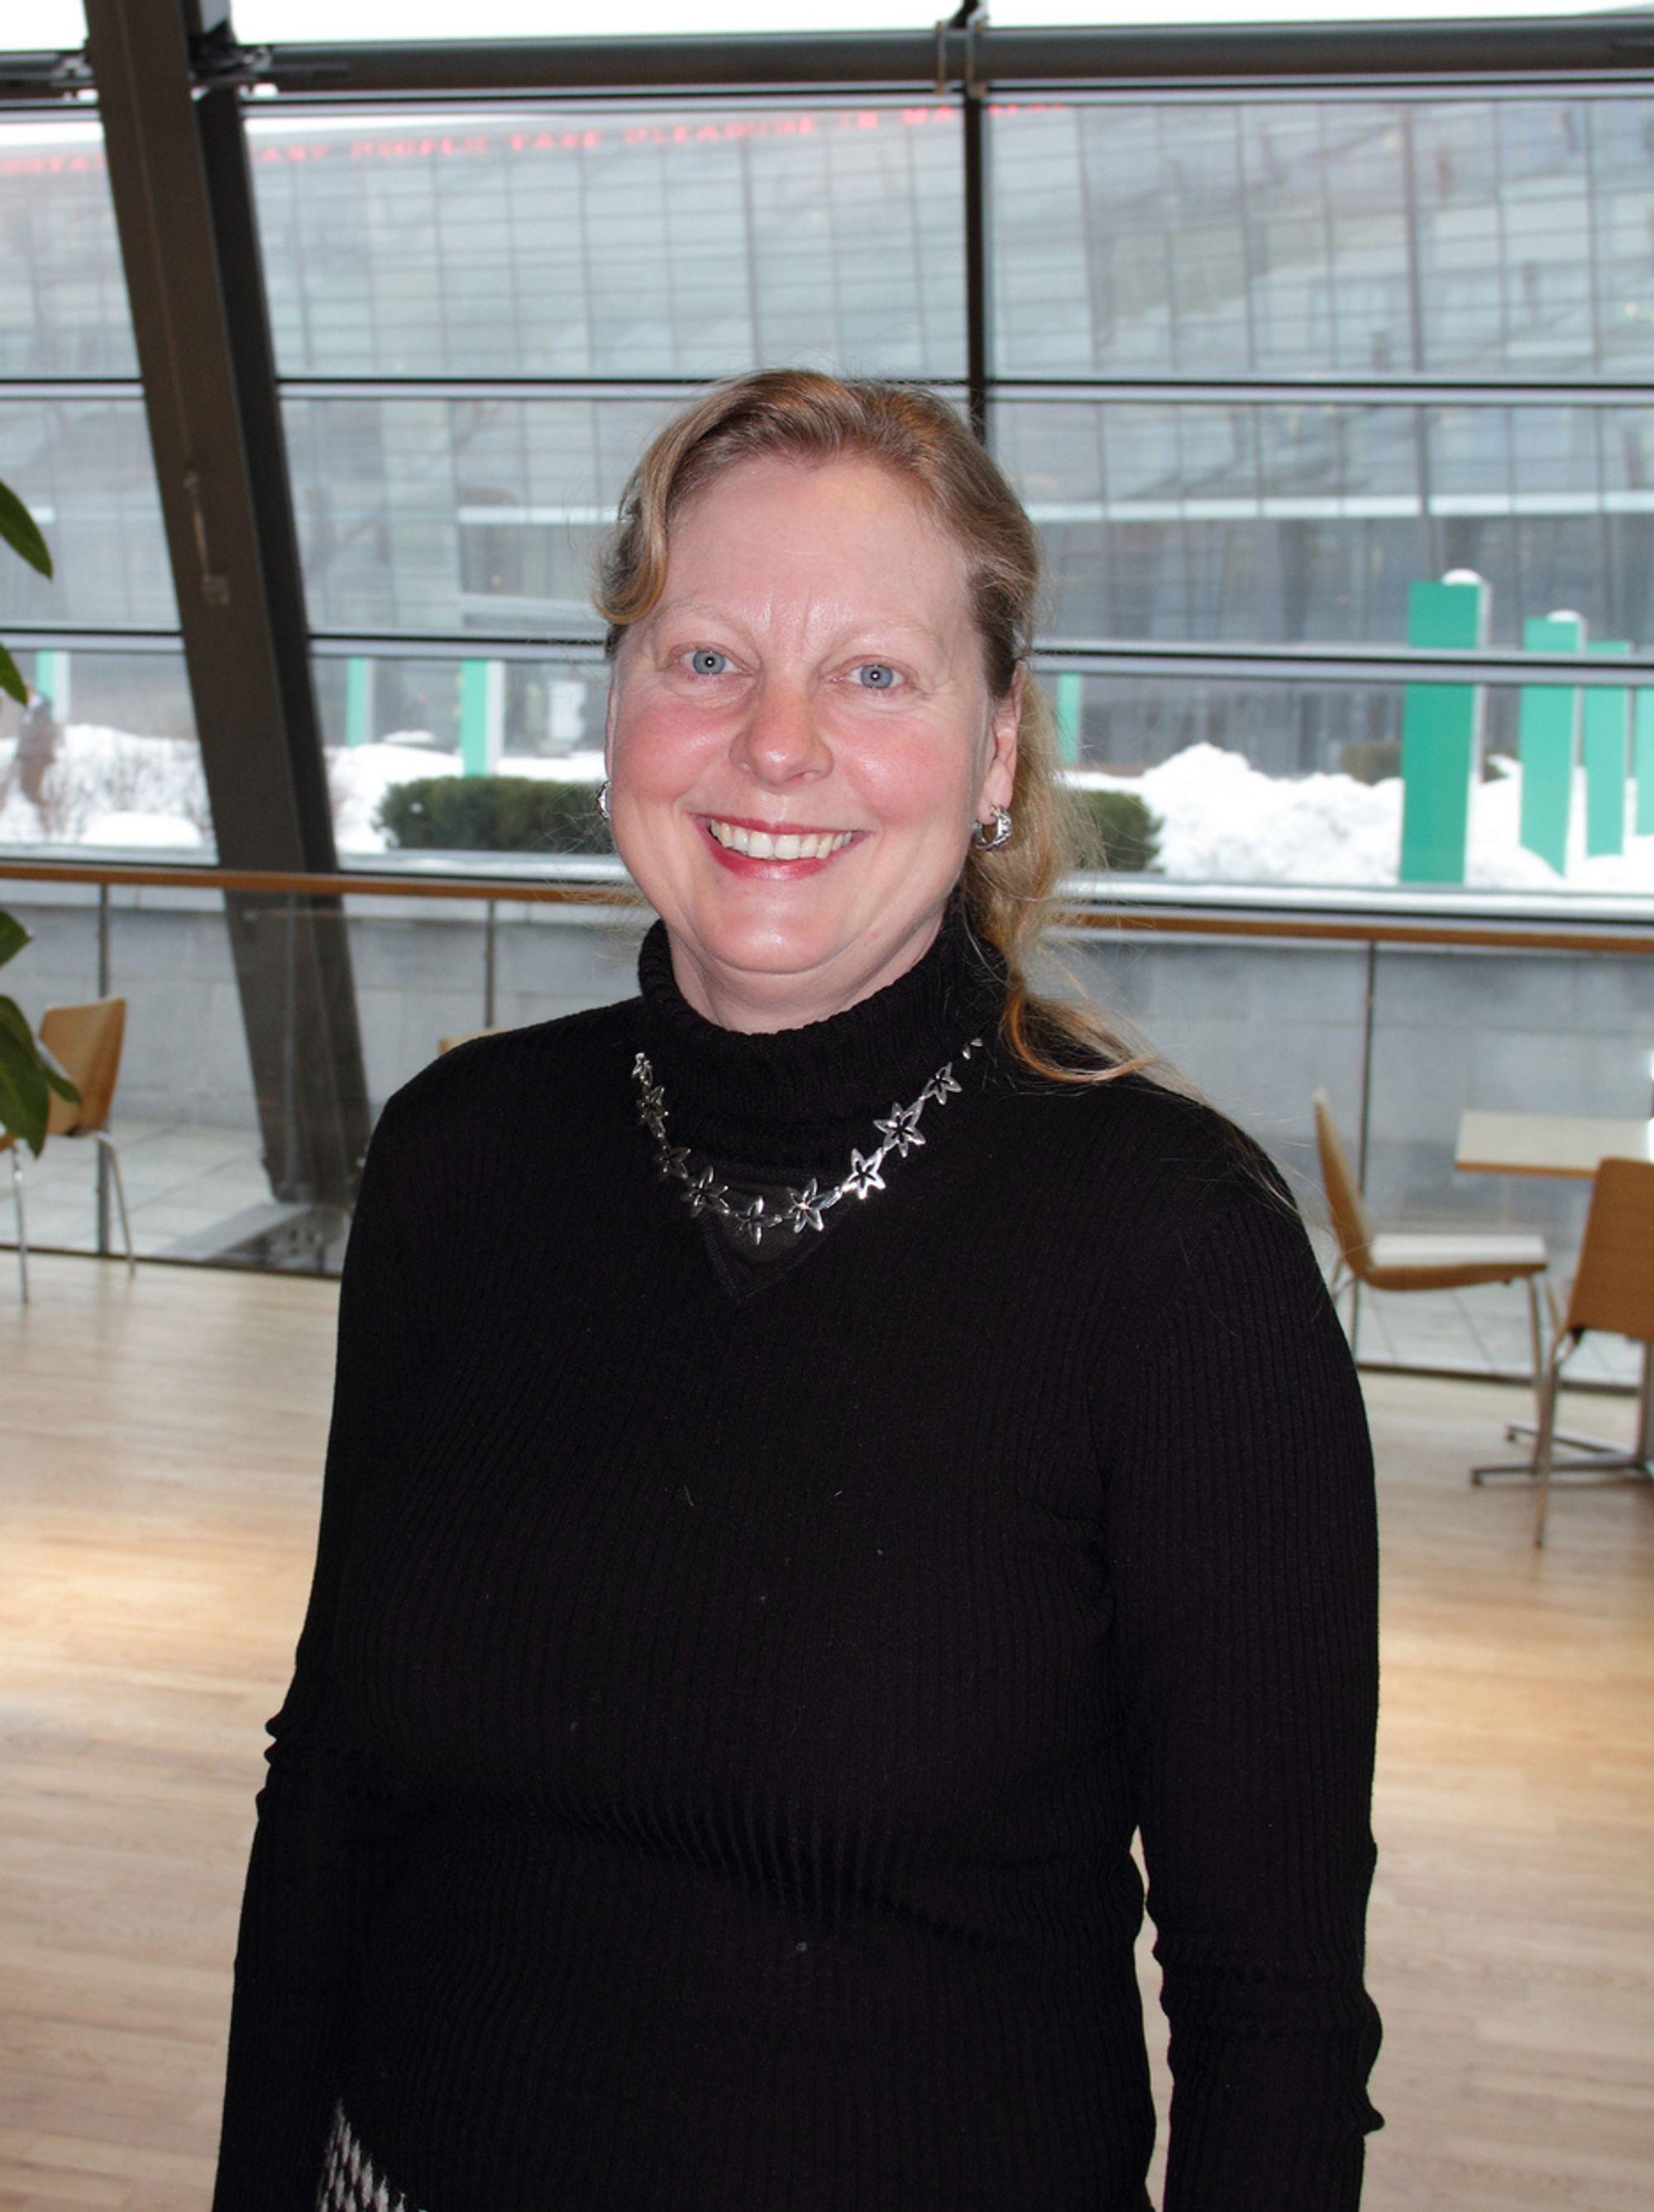 EN STOR DAG: Adm. direktør i Telenoreide Conax, Berit Svendsen er svætt fornøyd med den nye TiVo-avtalen som kan bringe Conax opp i en helt ny divisjon.